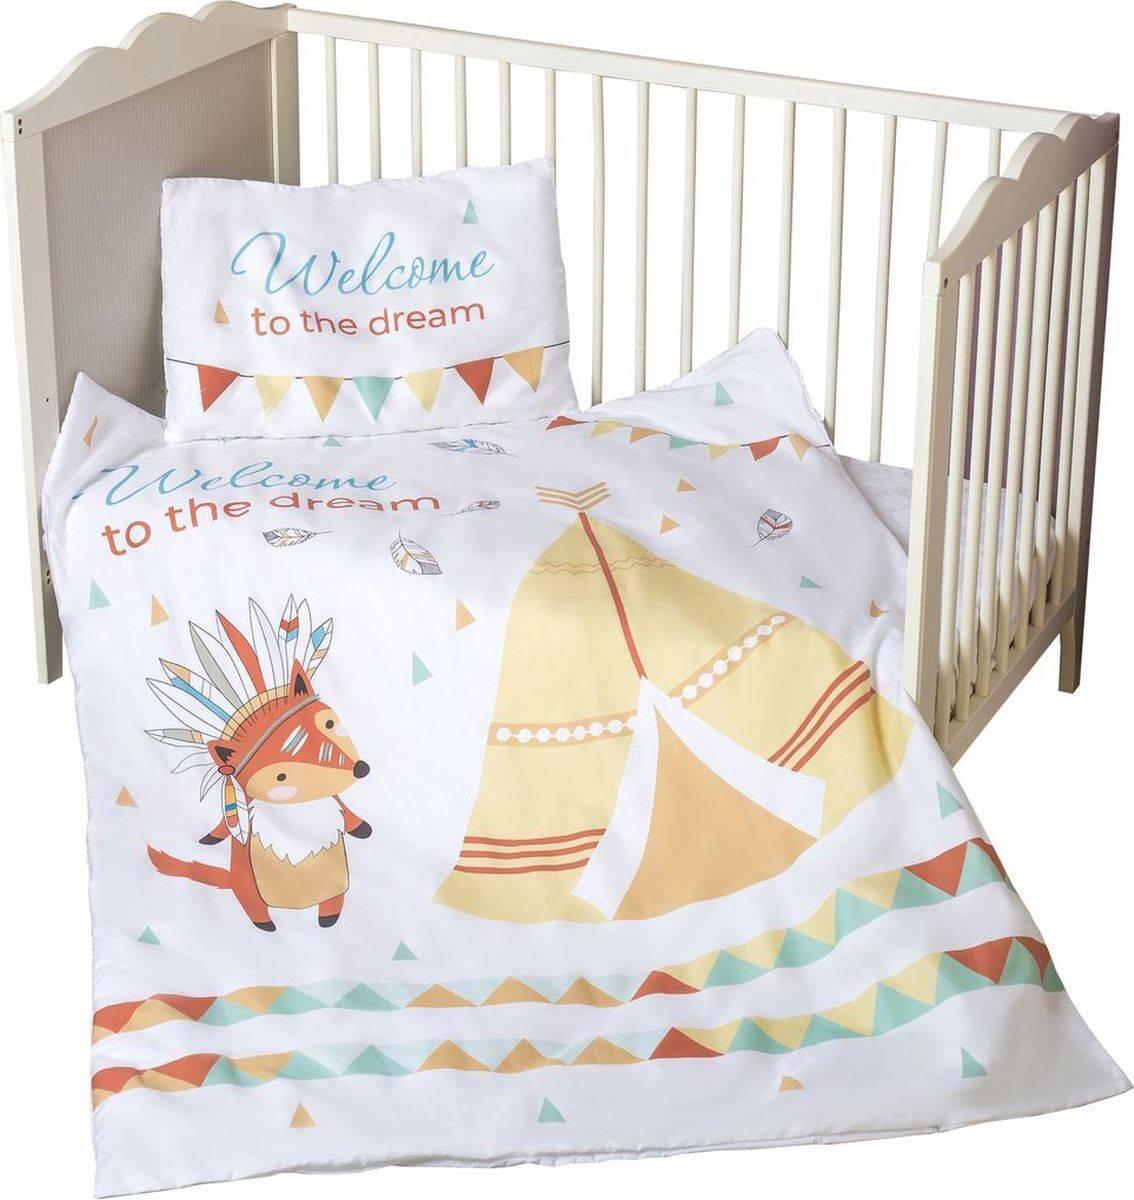 Постельное белье для новорожденных в кроватку детское. комплект постельного белья для новорожденного: сколько комплектов нужно